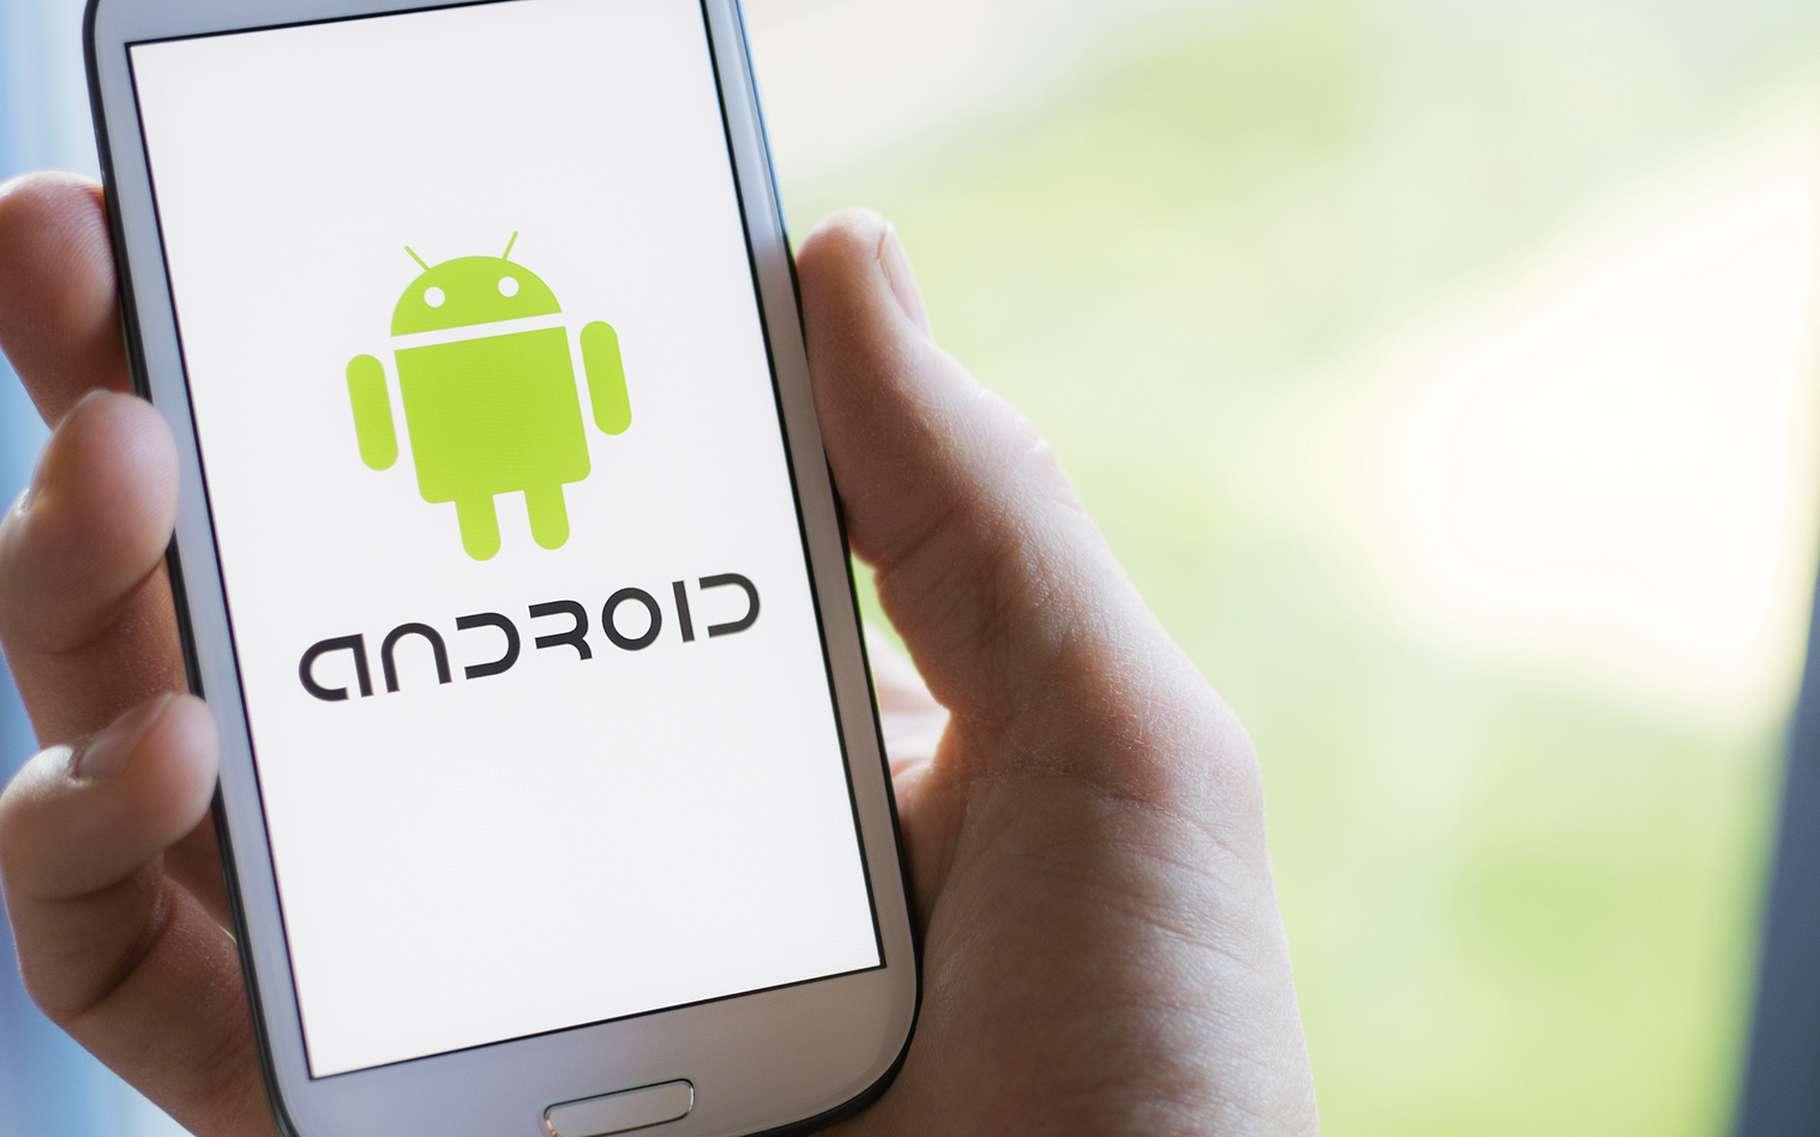 Le navigateur d'Android permet de supprimer certaines données. © Twin Design, Shutterstock